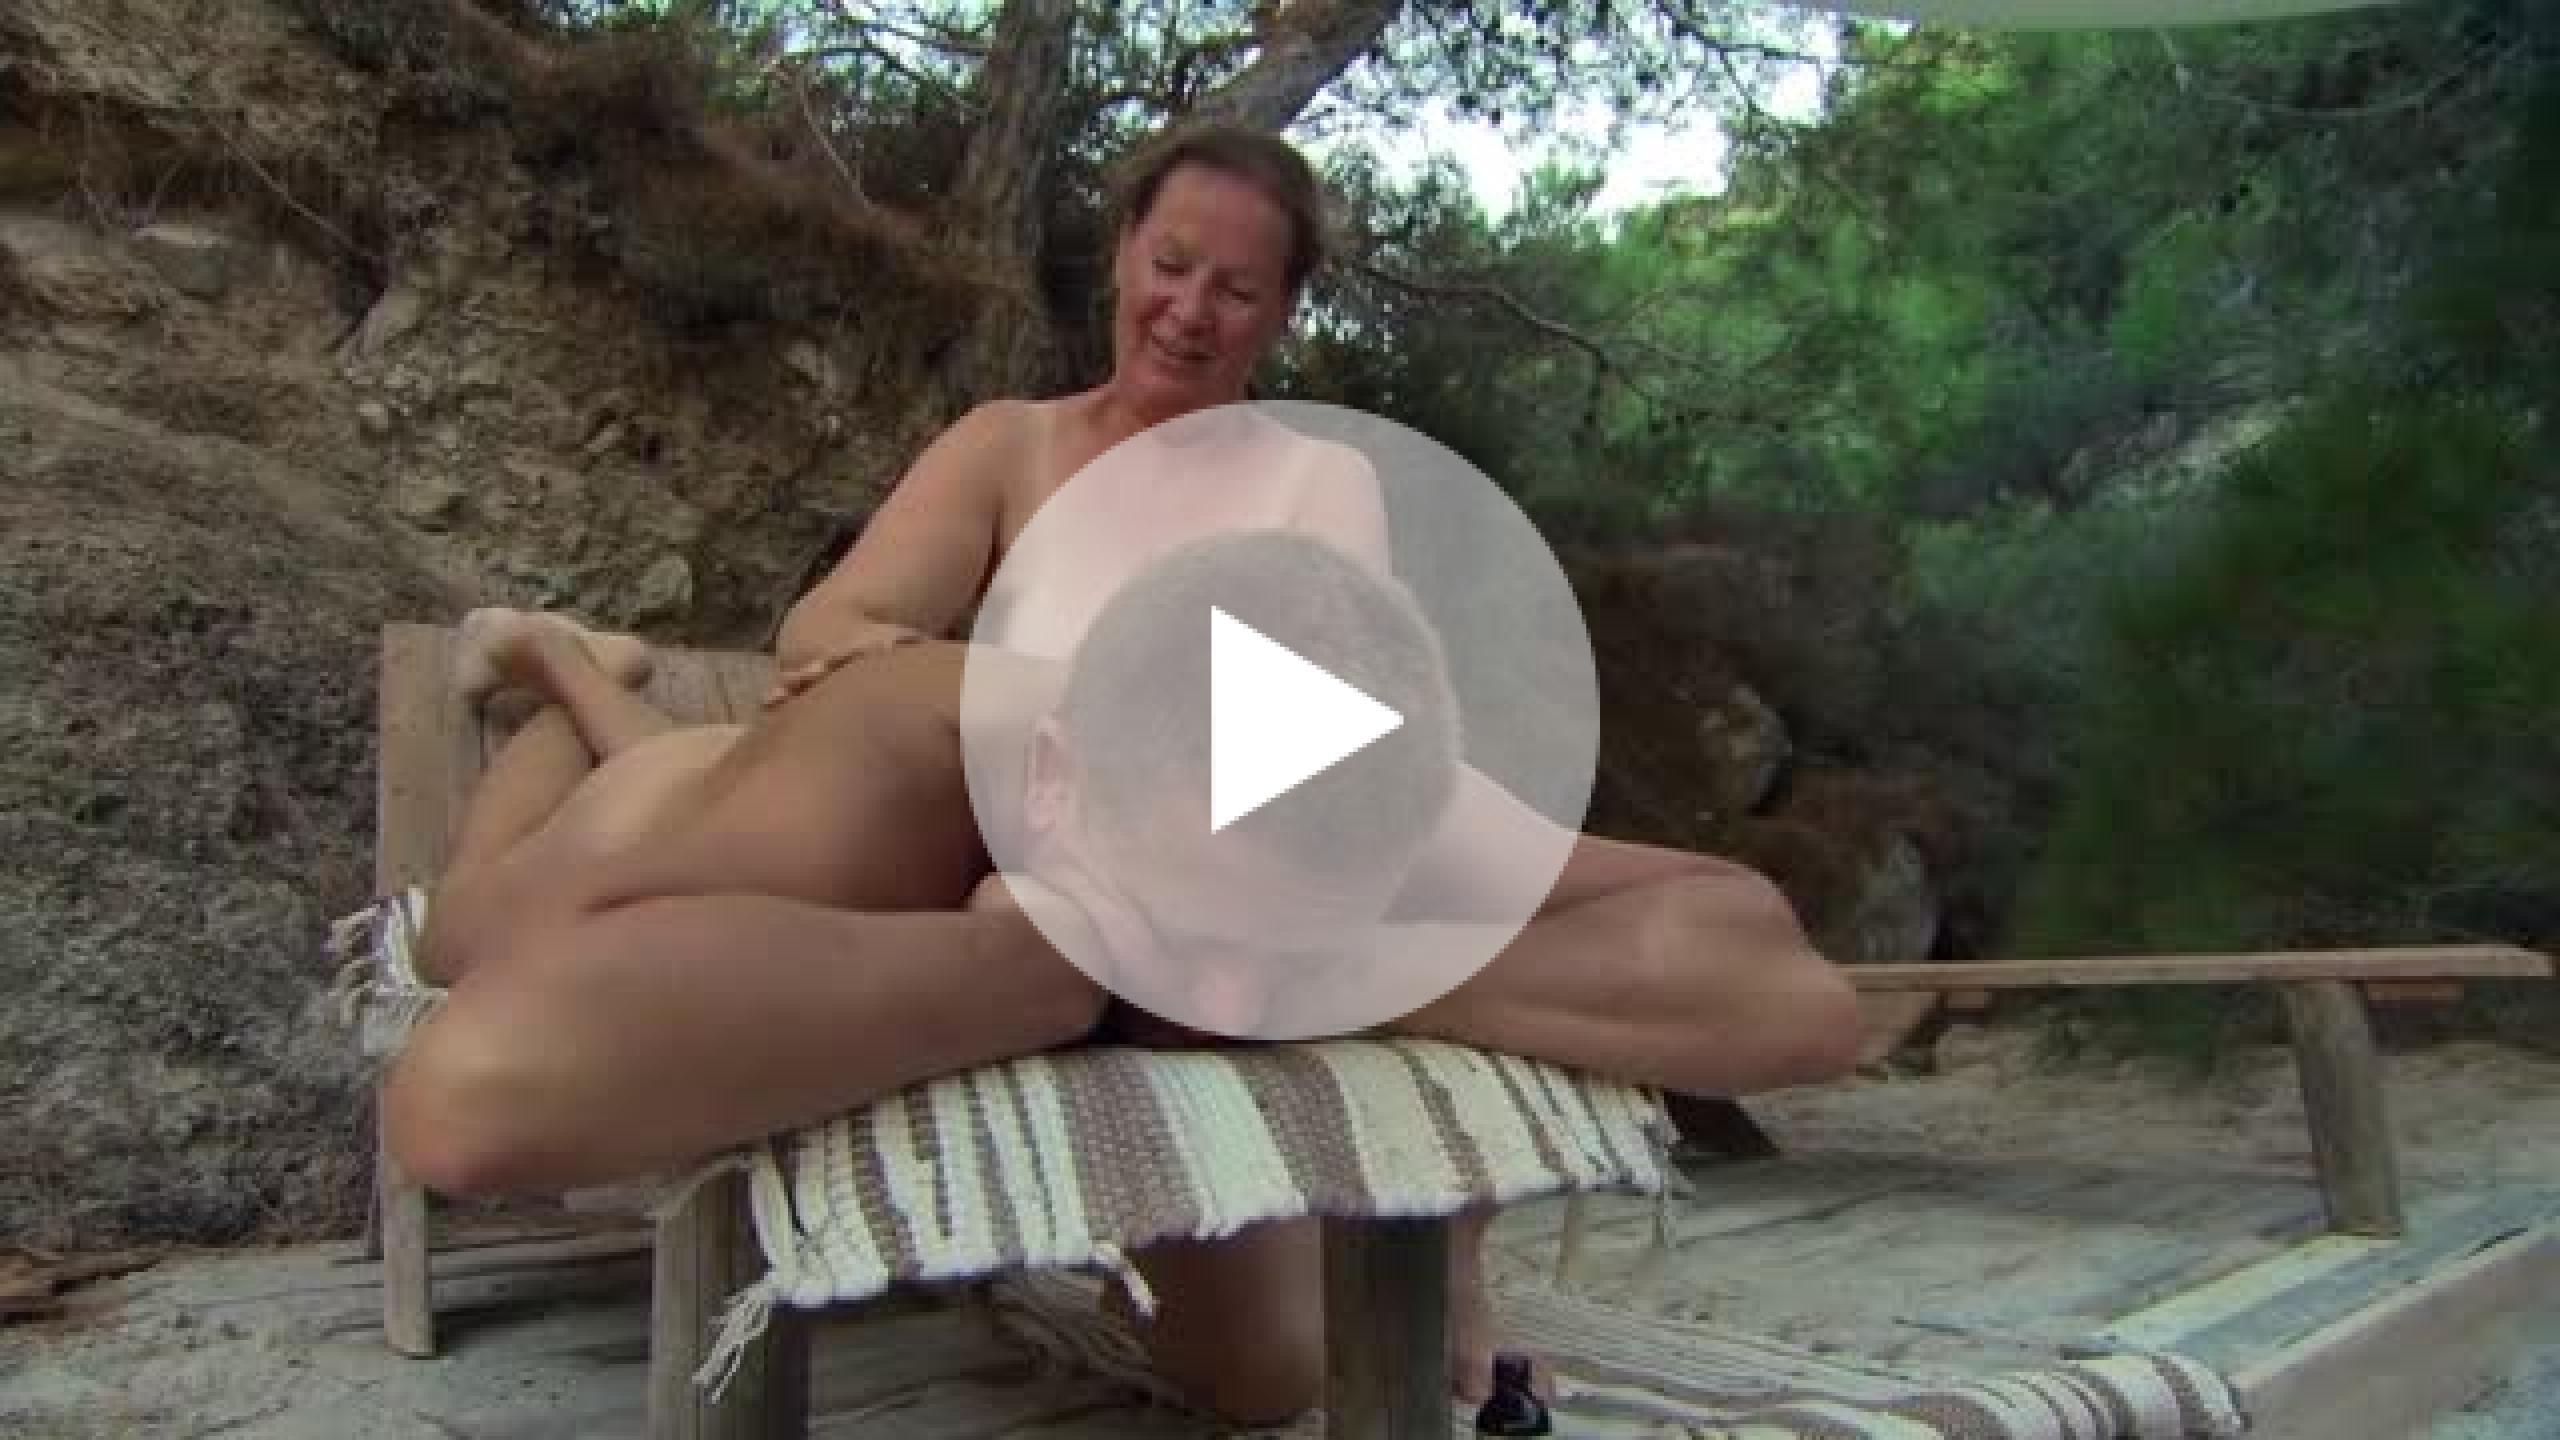 karvaiset naiset thai massage helsinki